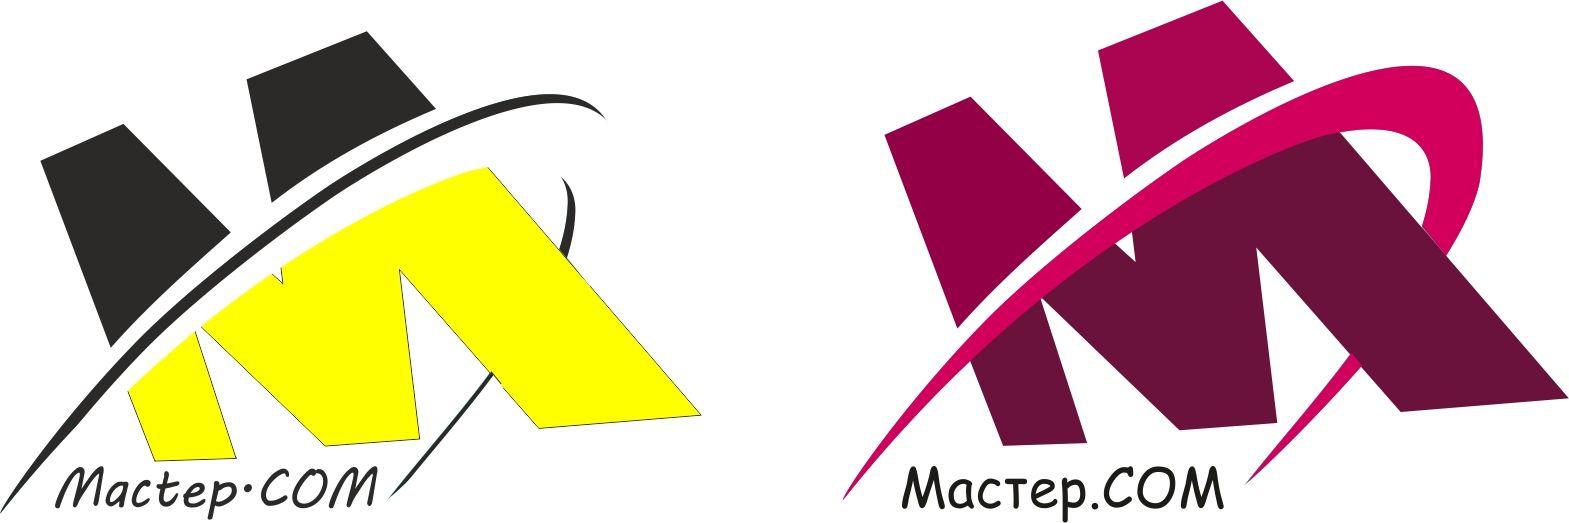 MasterCom (логотип, фирменный стиль) - дизайнер Krasivayav